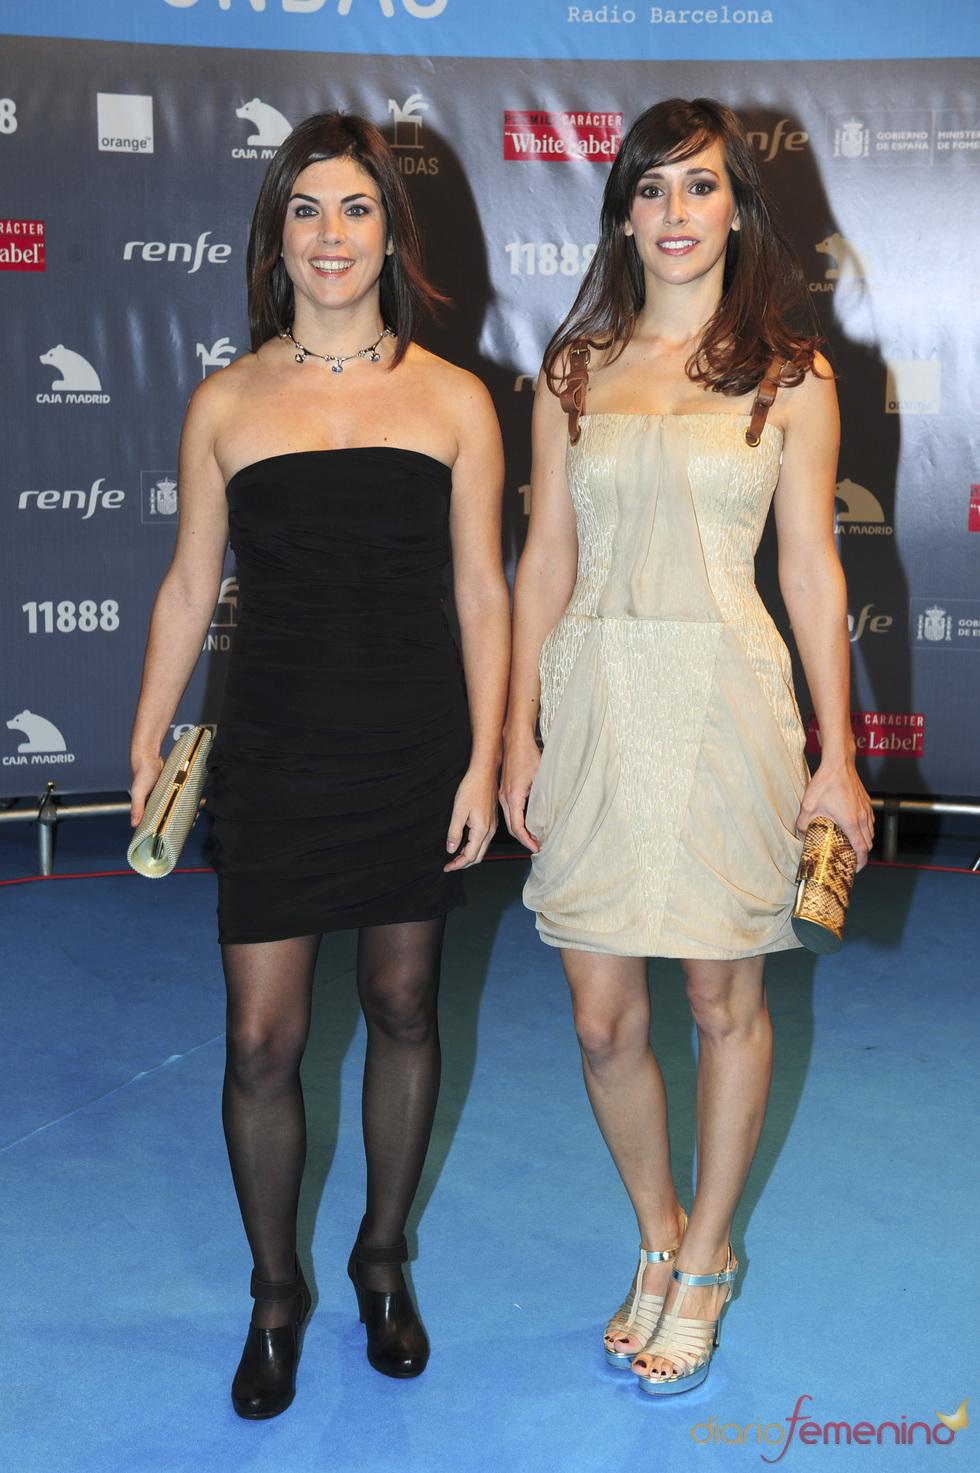 Las periodista Adela Ucar y Samanta Vilar en los premios Ondas 2010